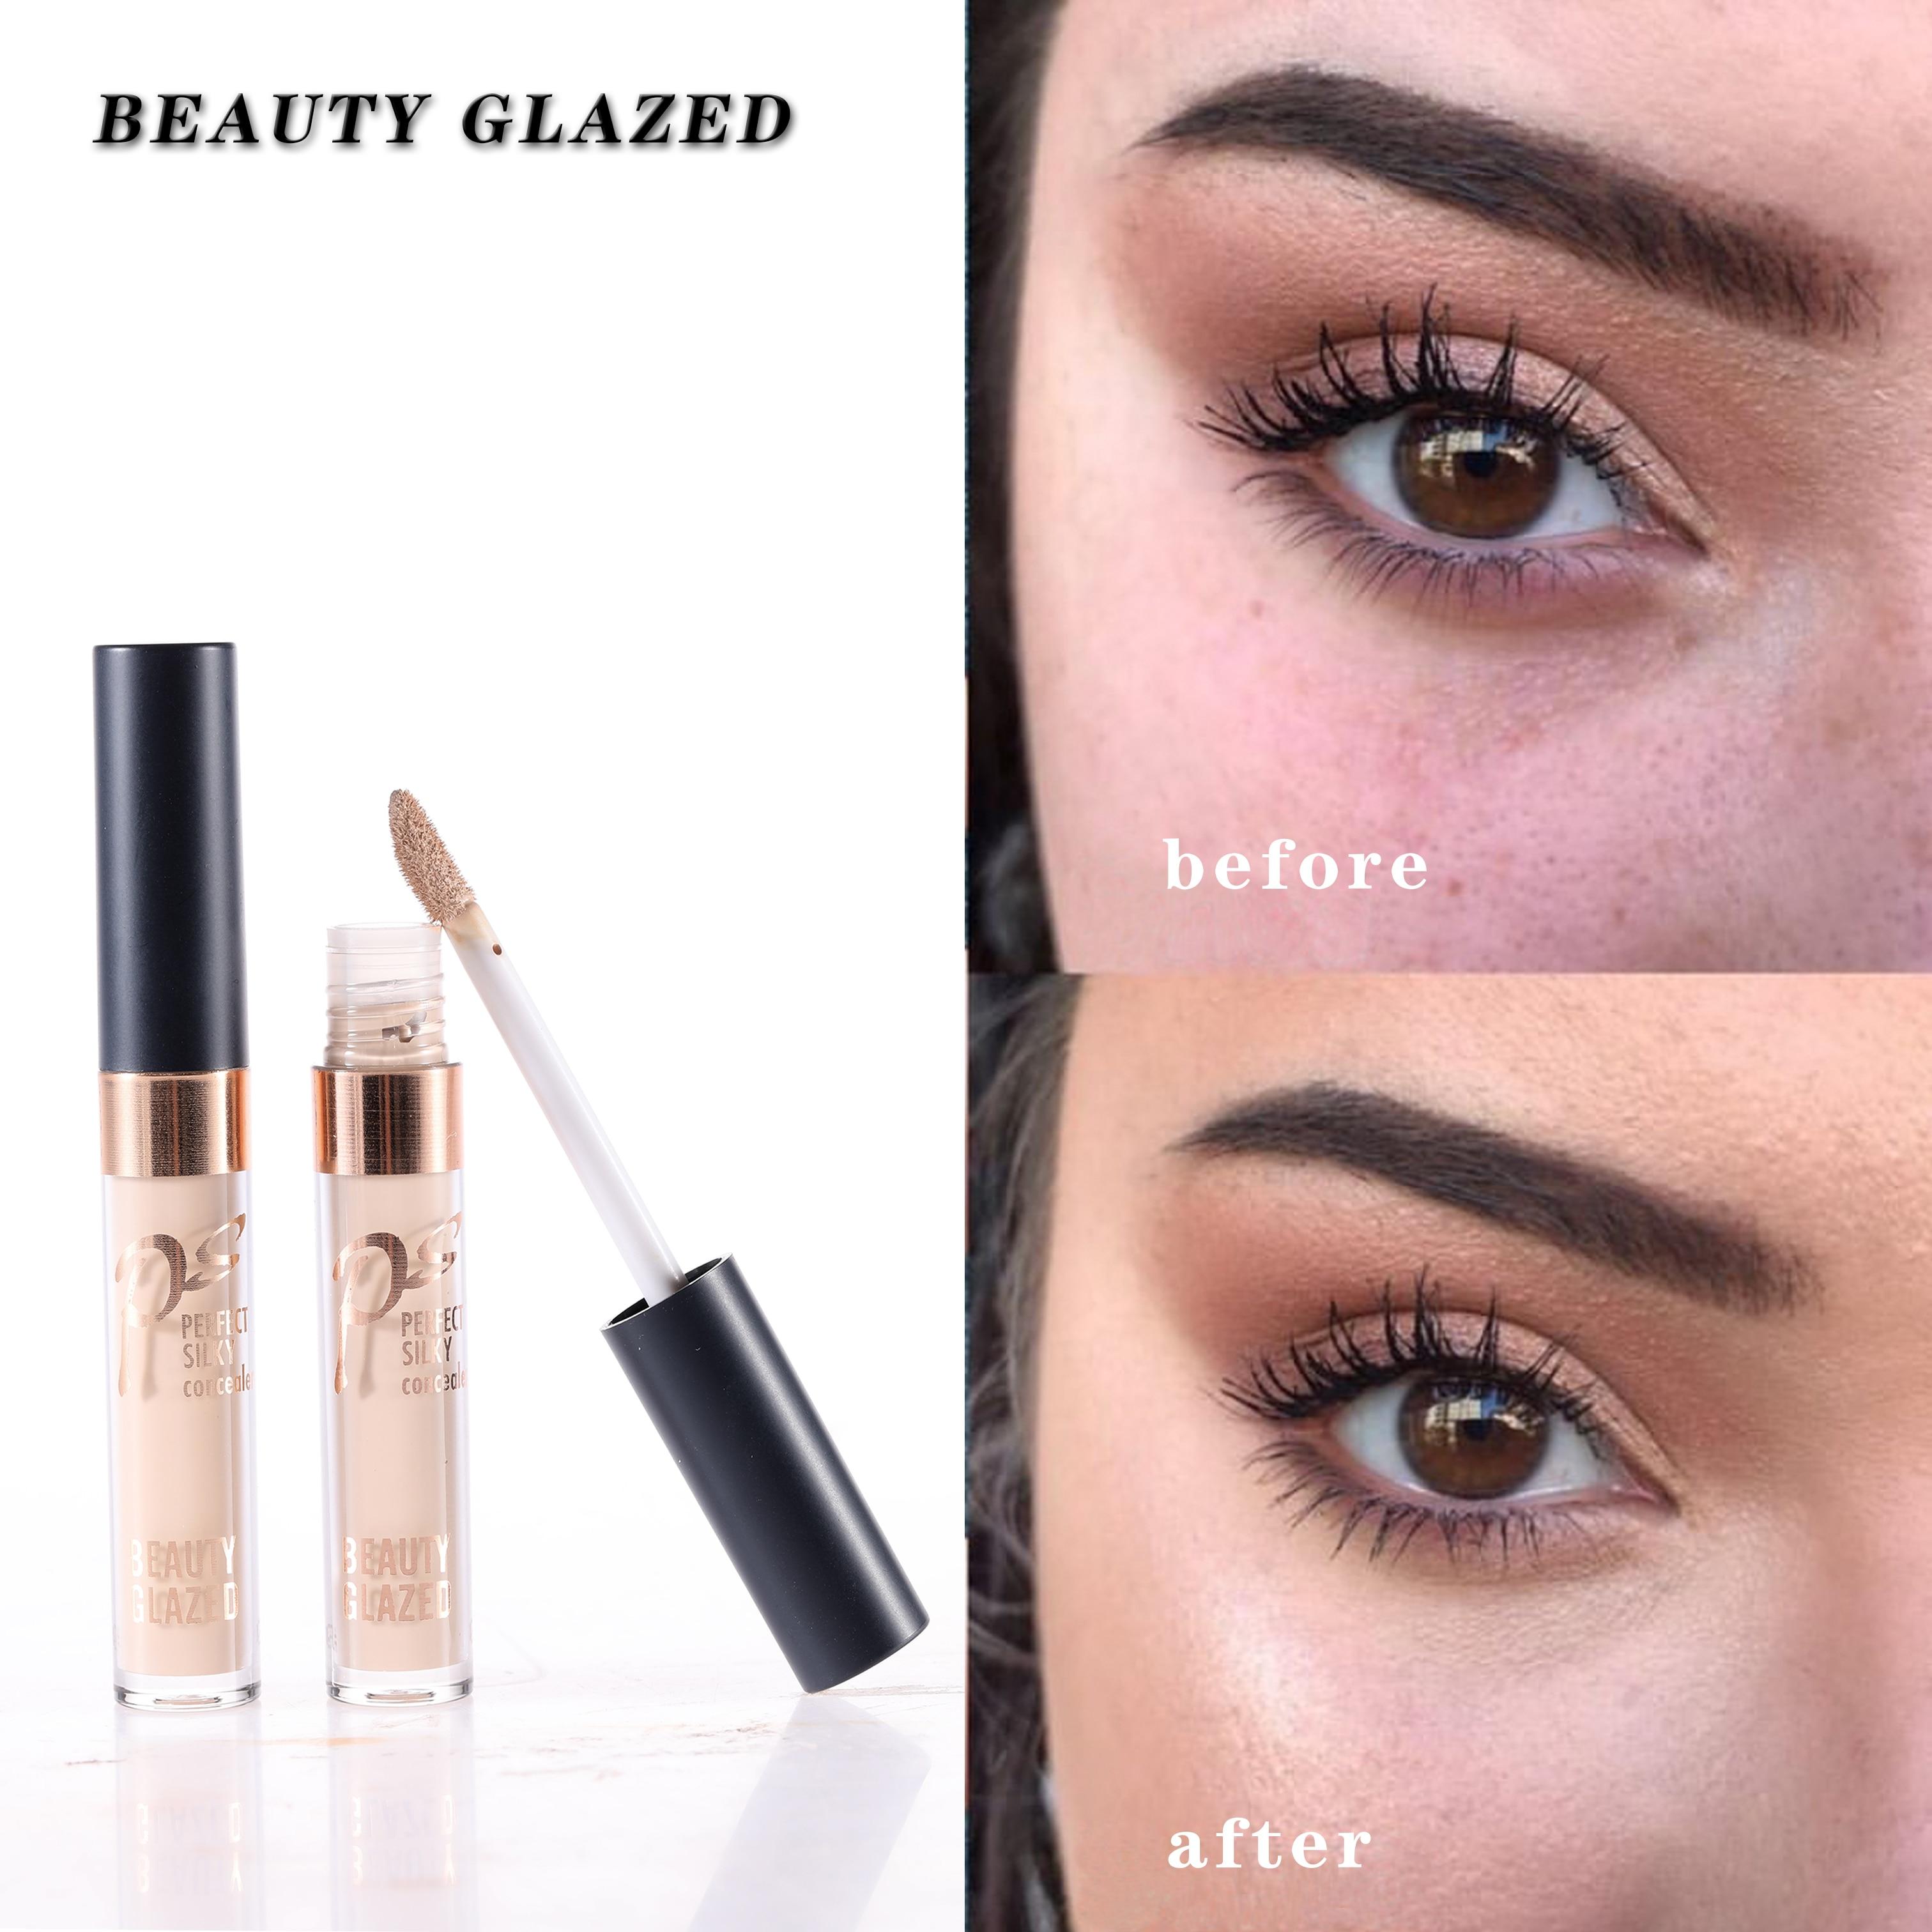 Beauty glazed paleta de maquiagem, base de tatuagem para aplicação de rosto, corretivo, base de maquiagem, 2019